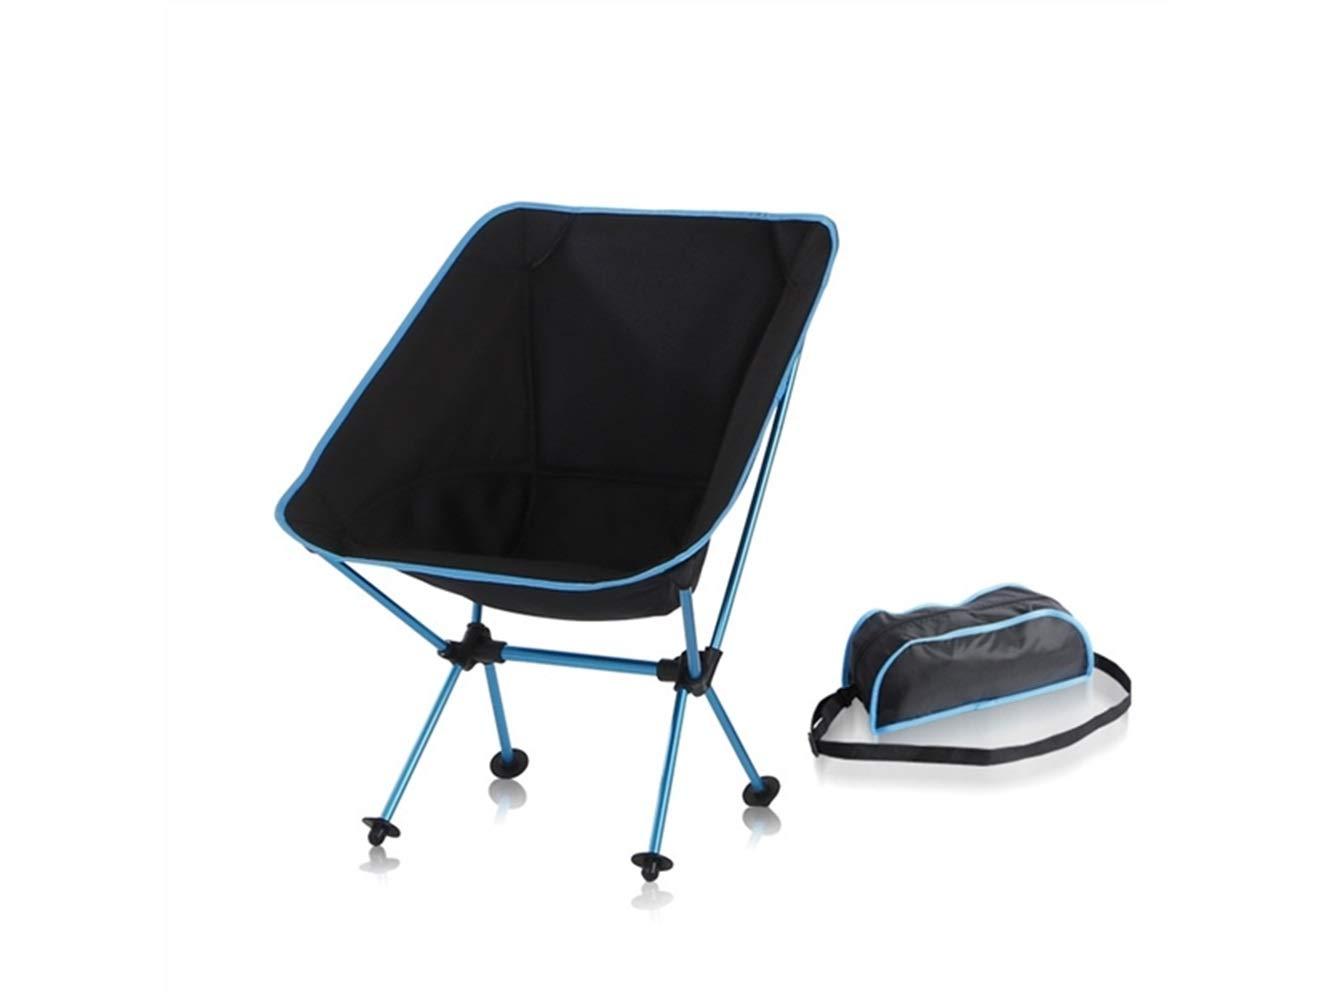 LMKIJN Bequemer Stuhl Tragbare Klapp Angeln Stuhl Recliner Camping Stuhl für Outdoor und Angeln (blau) für den Urlaub